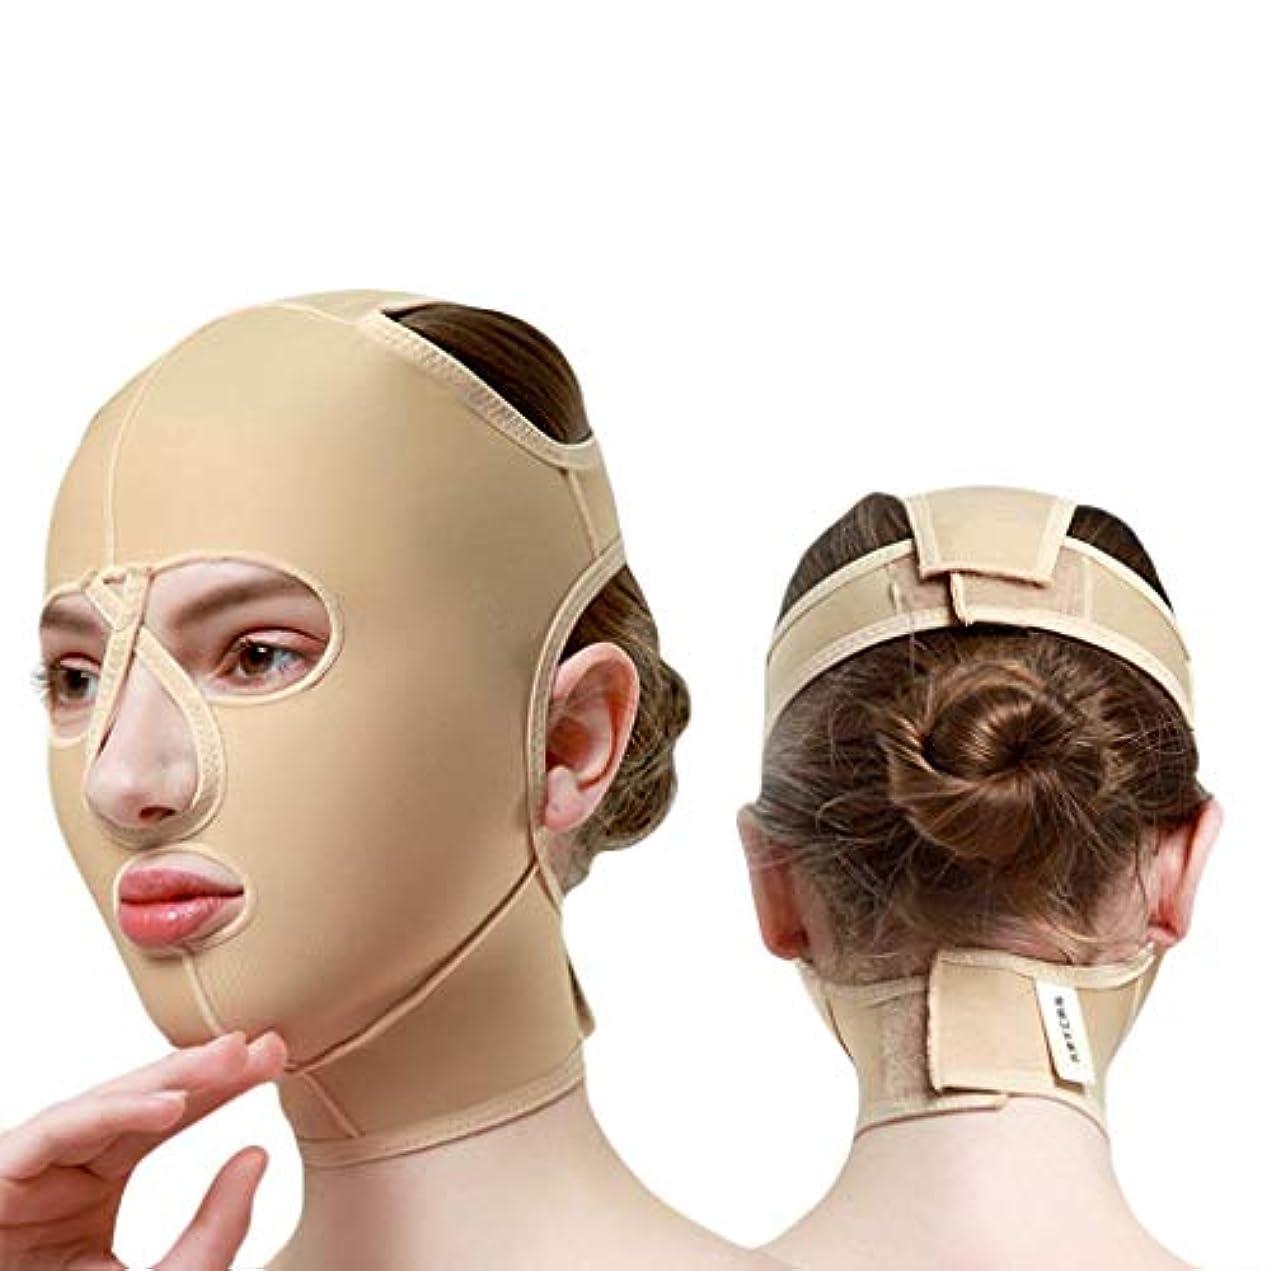 お気に入り可塑性トロイの木馬チンストラップ、顔彫りツール、リフティングマスク、ダブルチンリデューサー、フェイスリフティングエラスティックマスクメス(サイズ:M),L